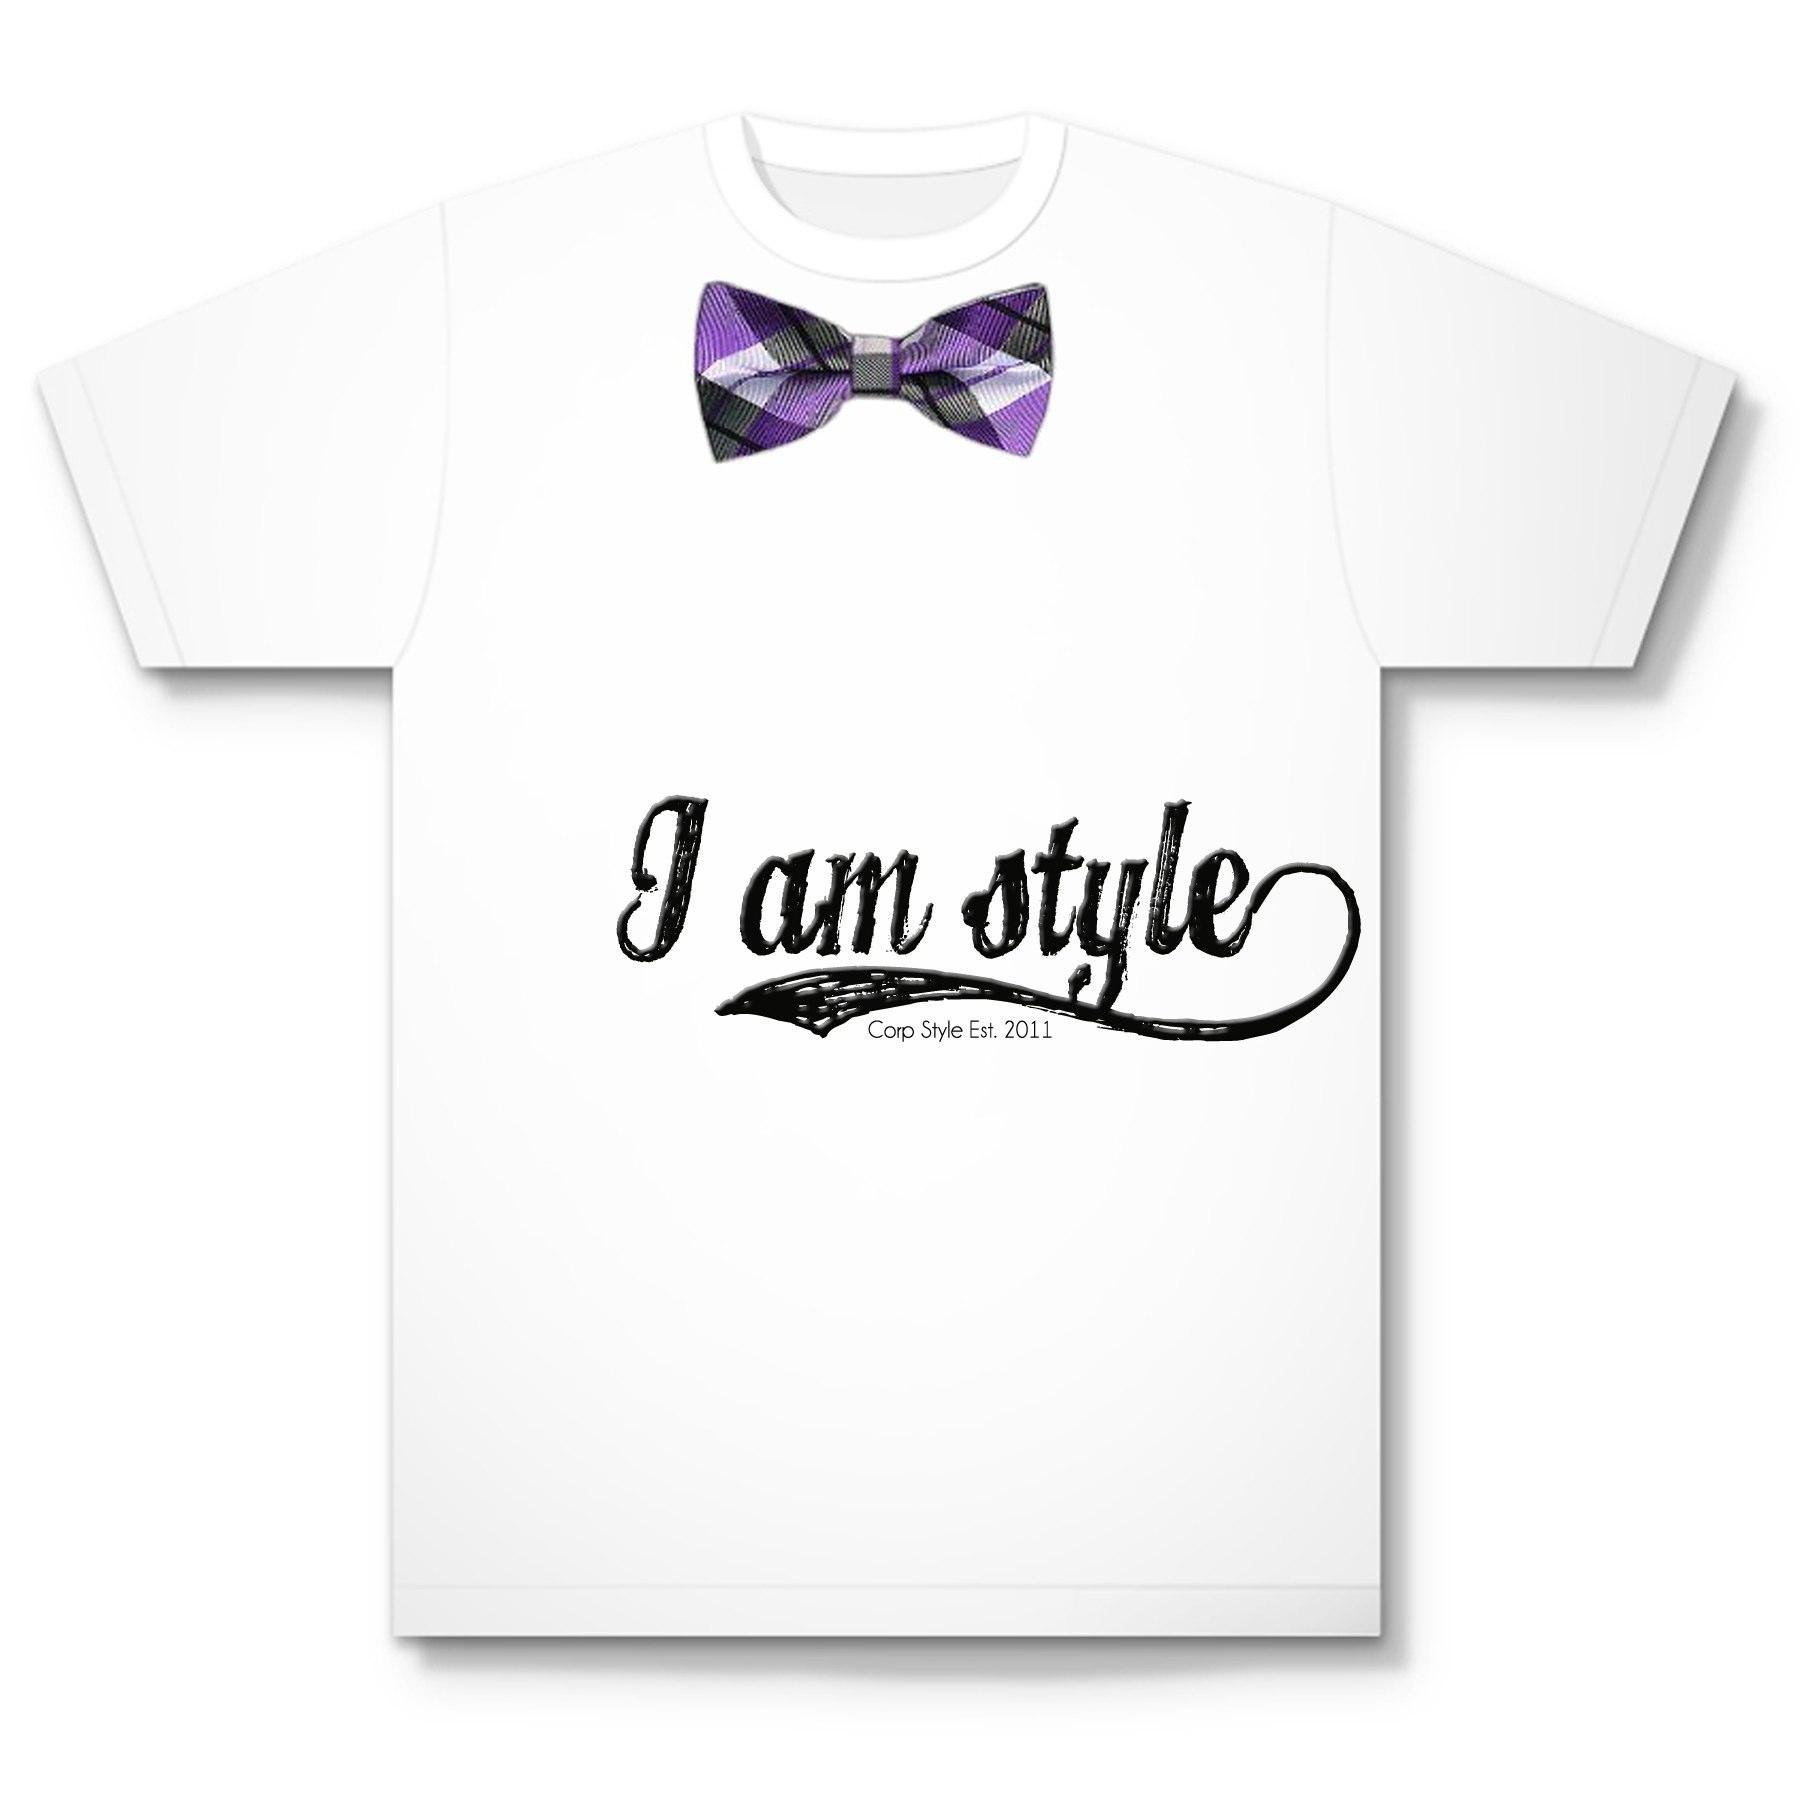 iamstyle tshirt 15 - Copy.jpg